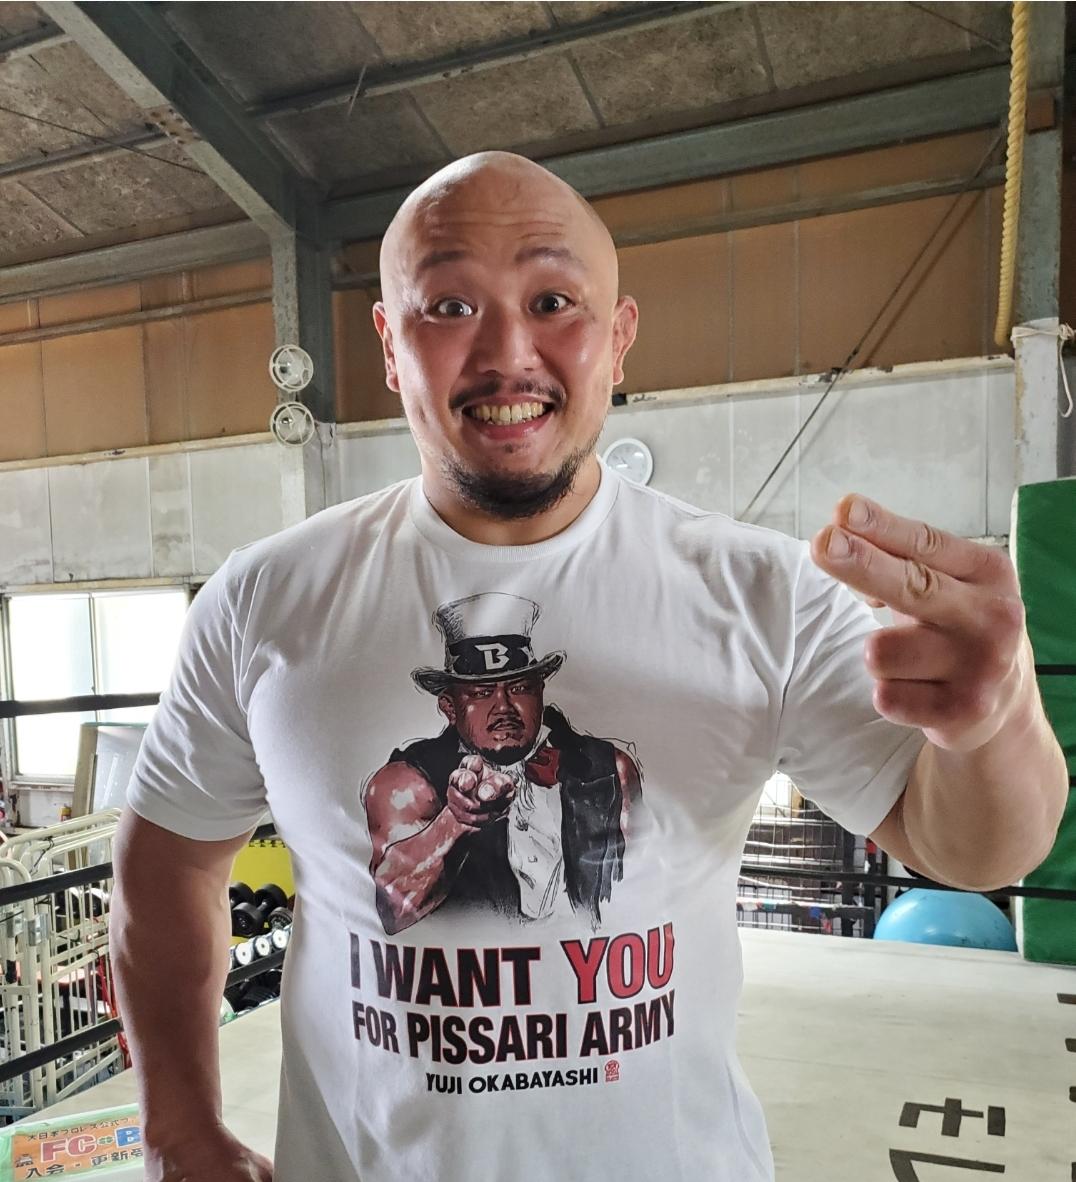 【大日本プロレス公式通販サイトBJ-SHOPでも販売開始!】岡林裕二「I WANT YOU」Tシャツ